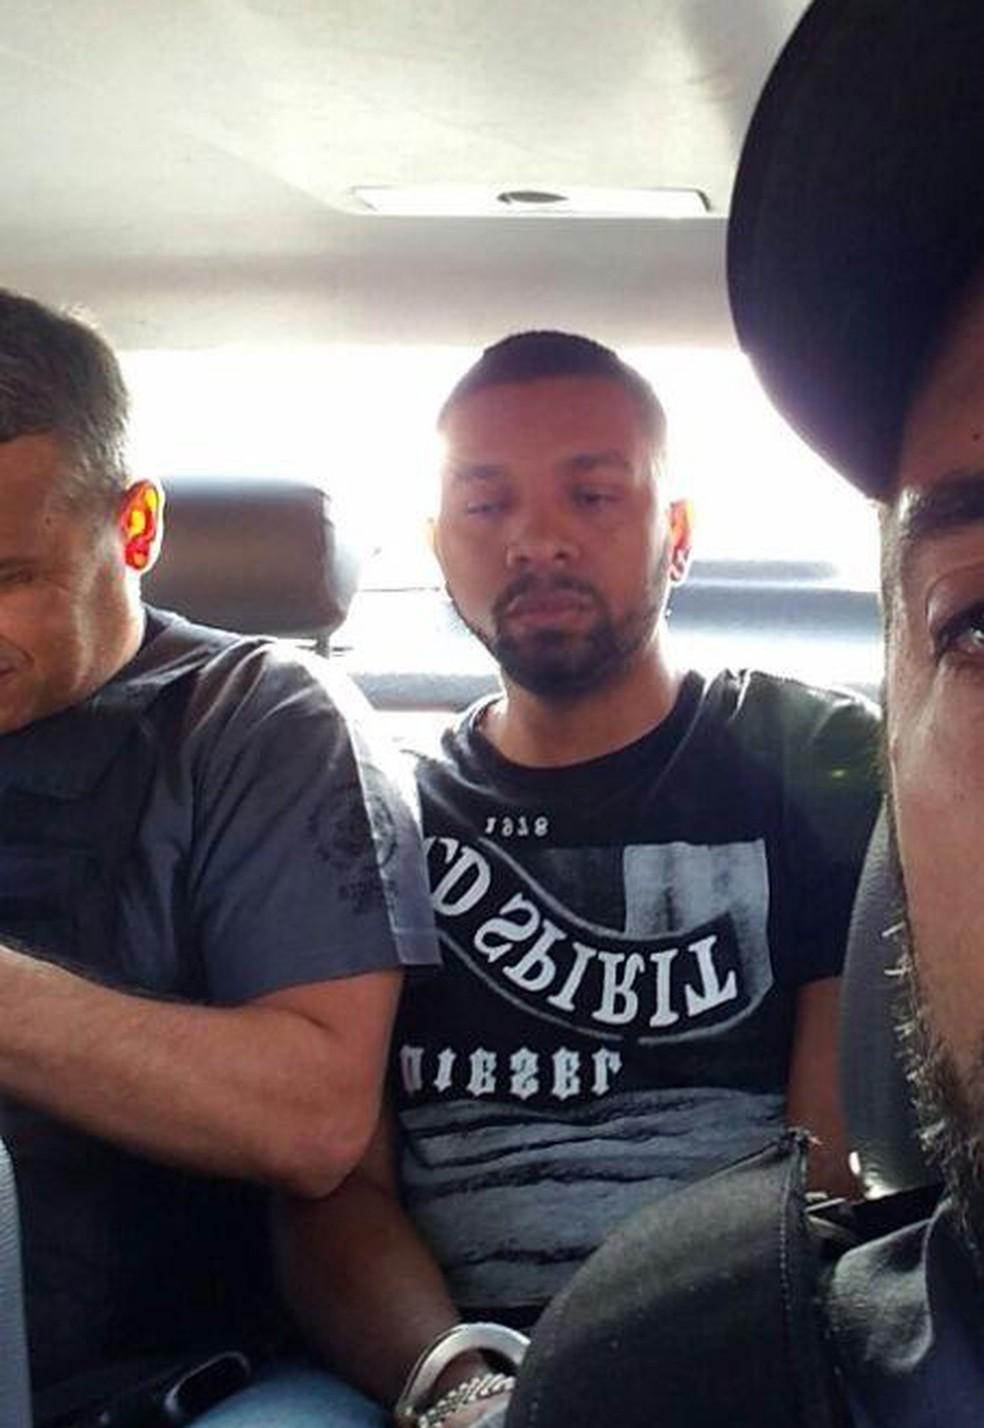 Delegado criticou as selfies pouco depois de ele mesmo tirar uma foto em que 157 aparece no banco de trás do carro (Foto: Reprodução)